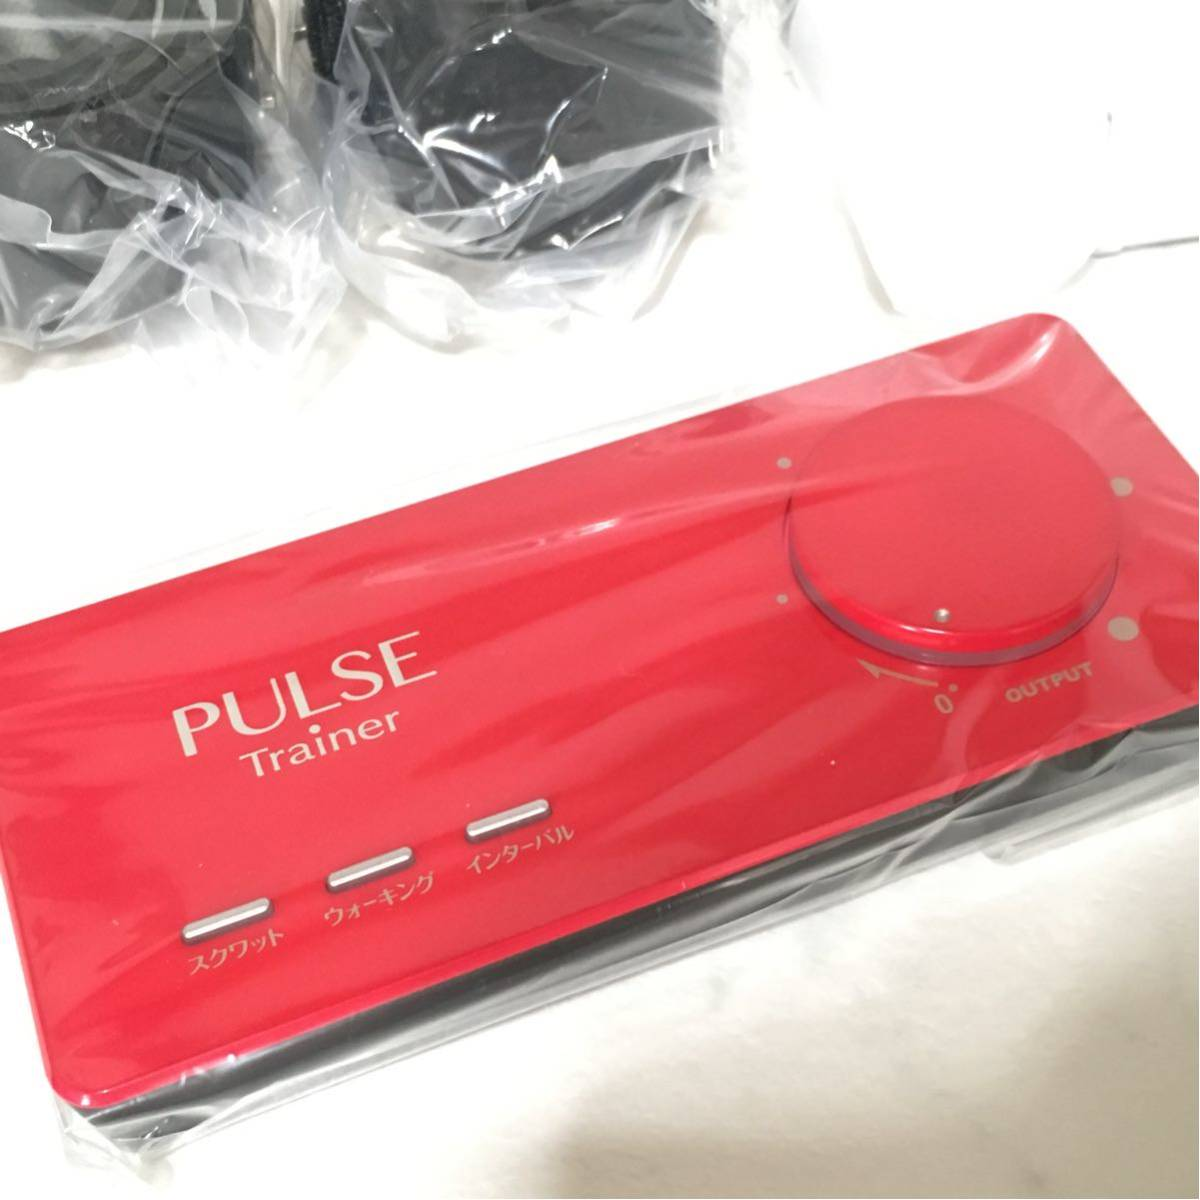 【送料無料】パルストレーナー PULSE Trainer PT-2 低周波 筋肉 ホーマーイオン研究所 新